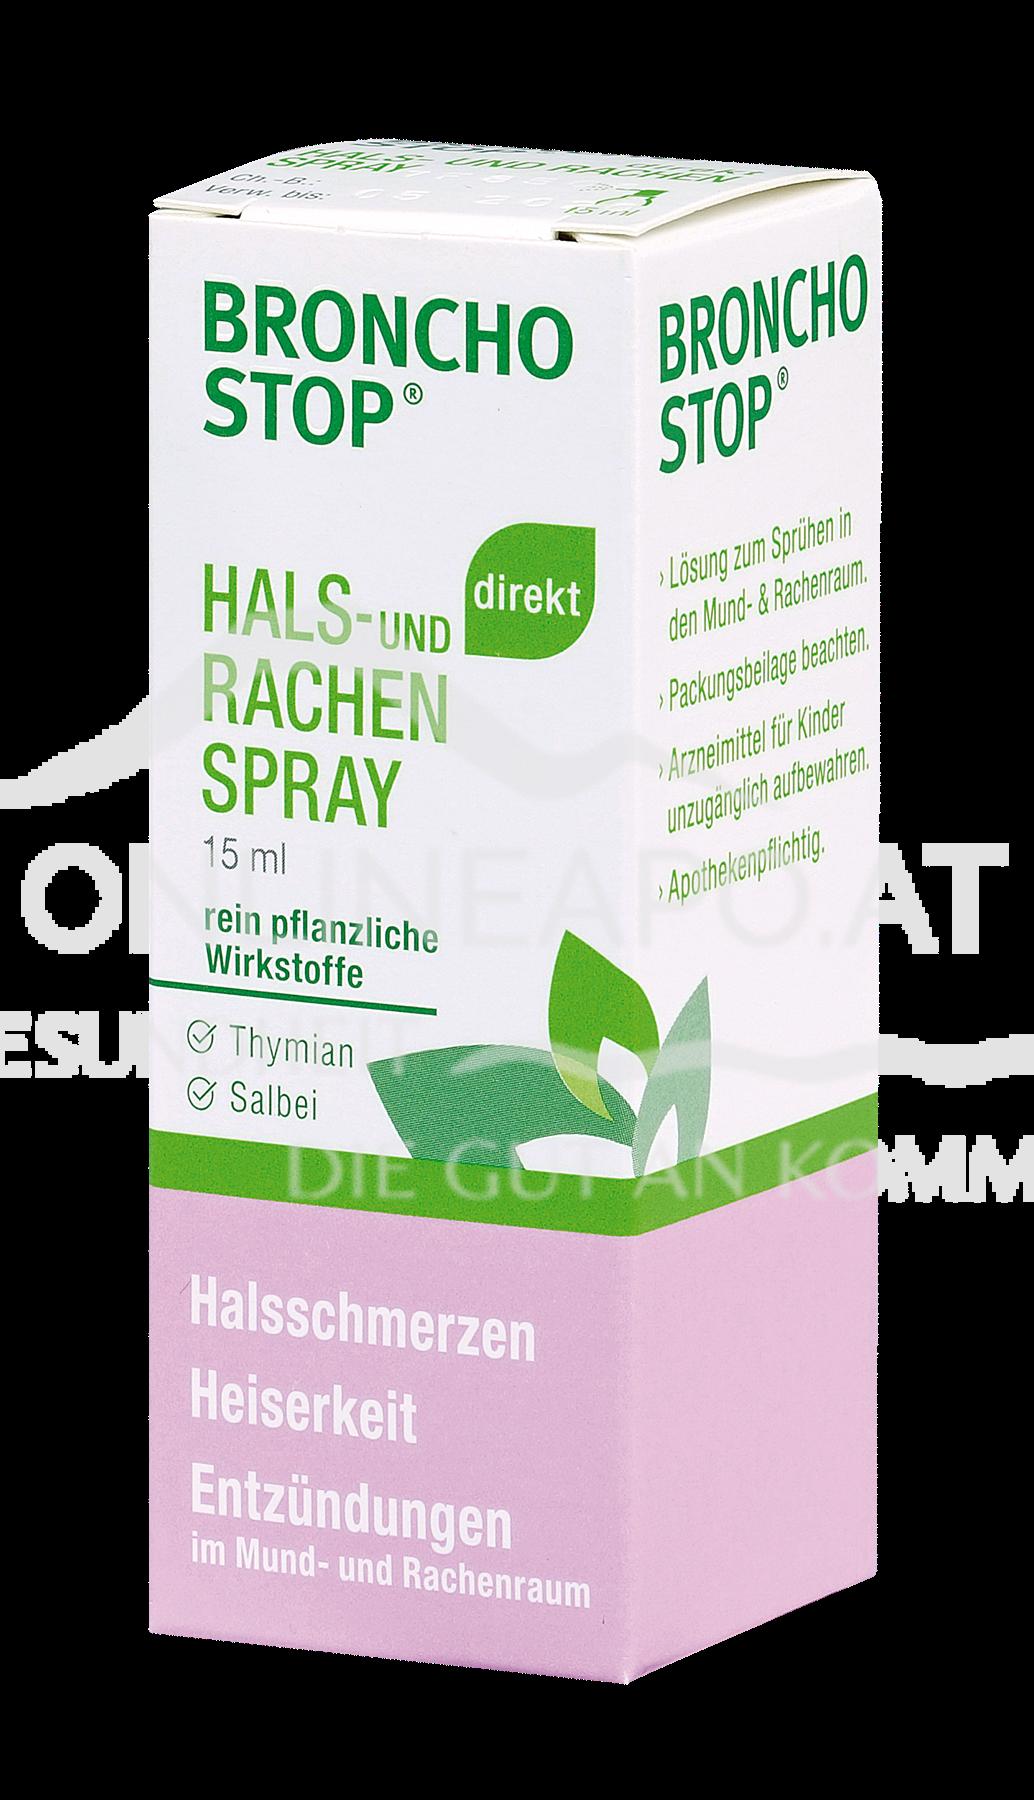 BRONCHOSTOP® direkt Hals- und Rachenspray*